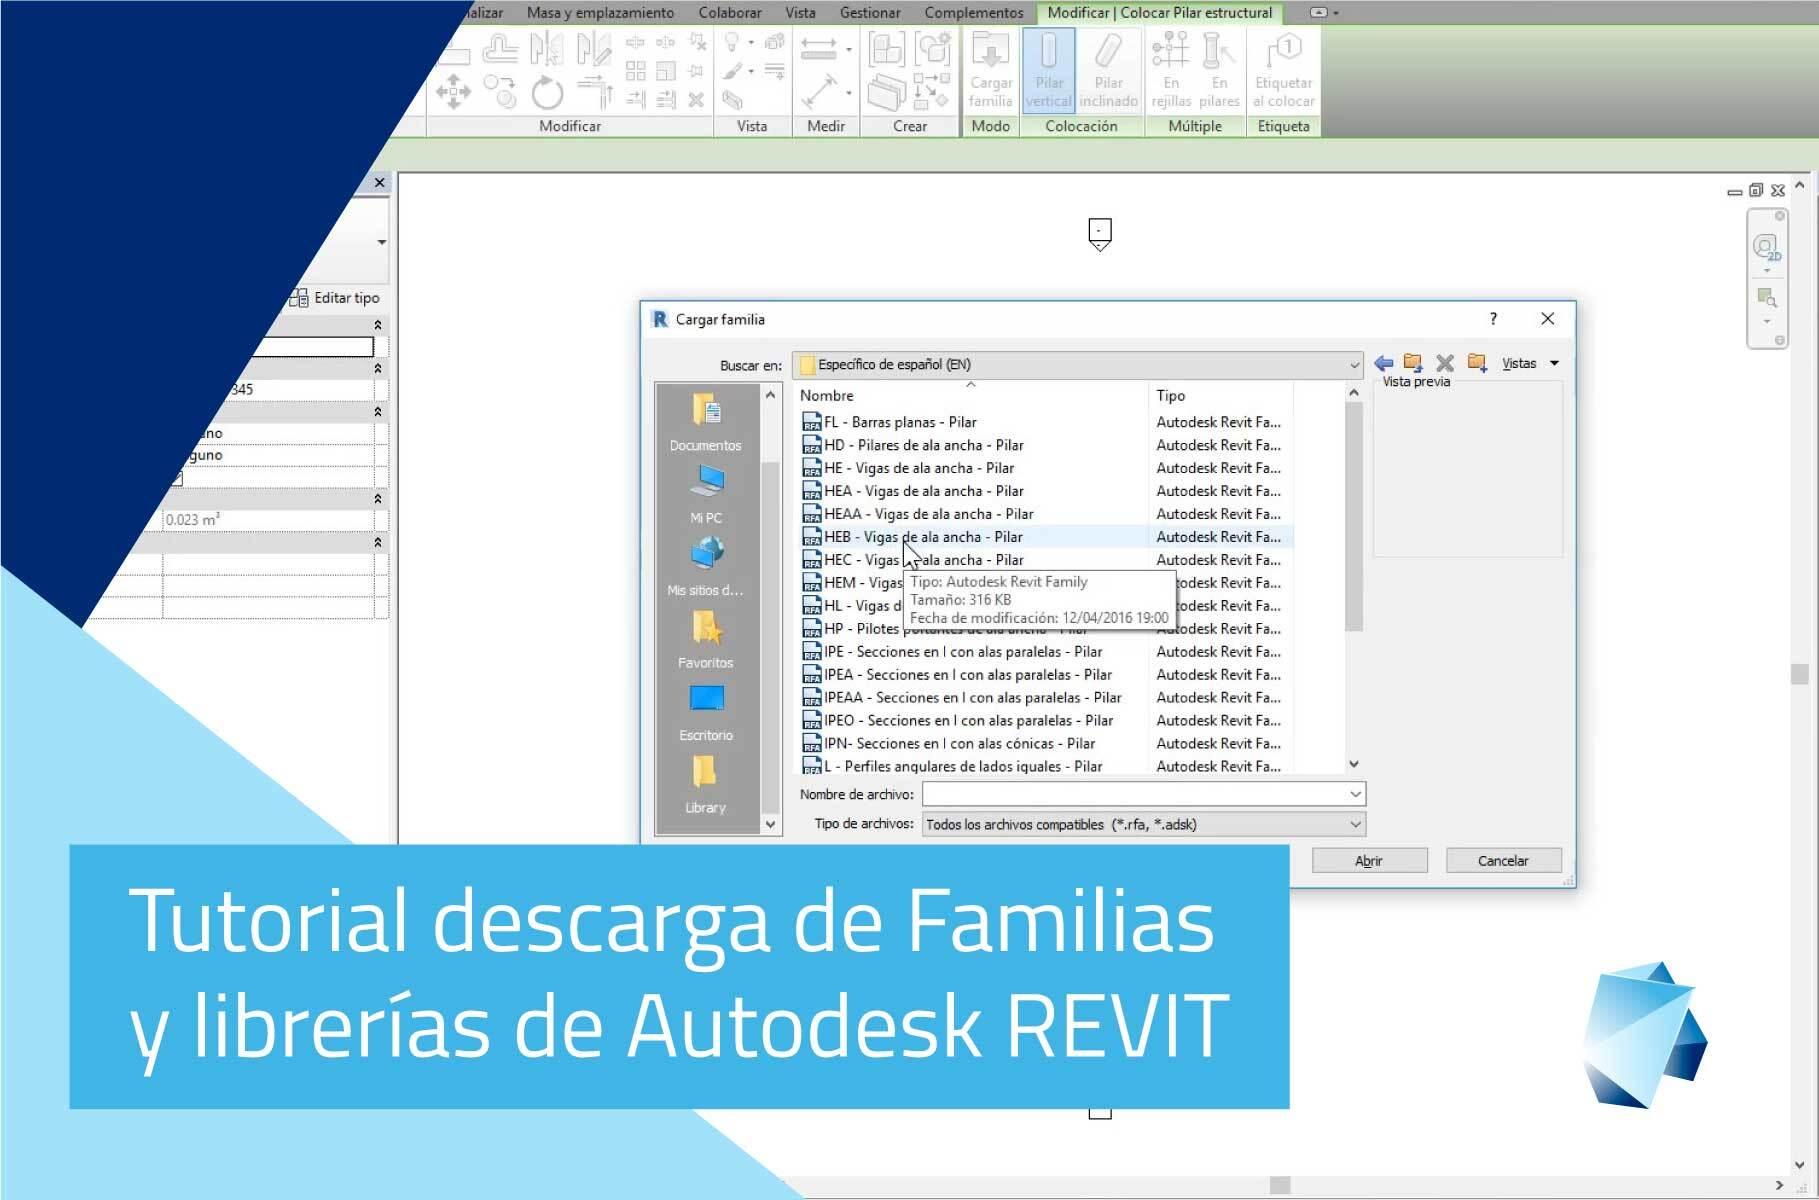 descargas-familias-Autodesk-Revit